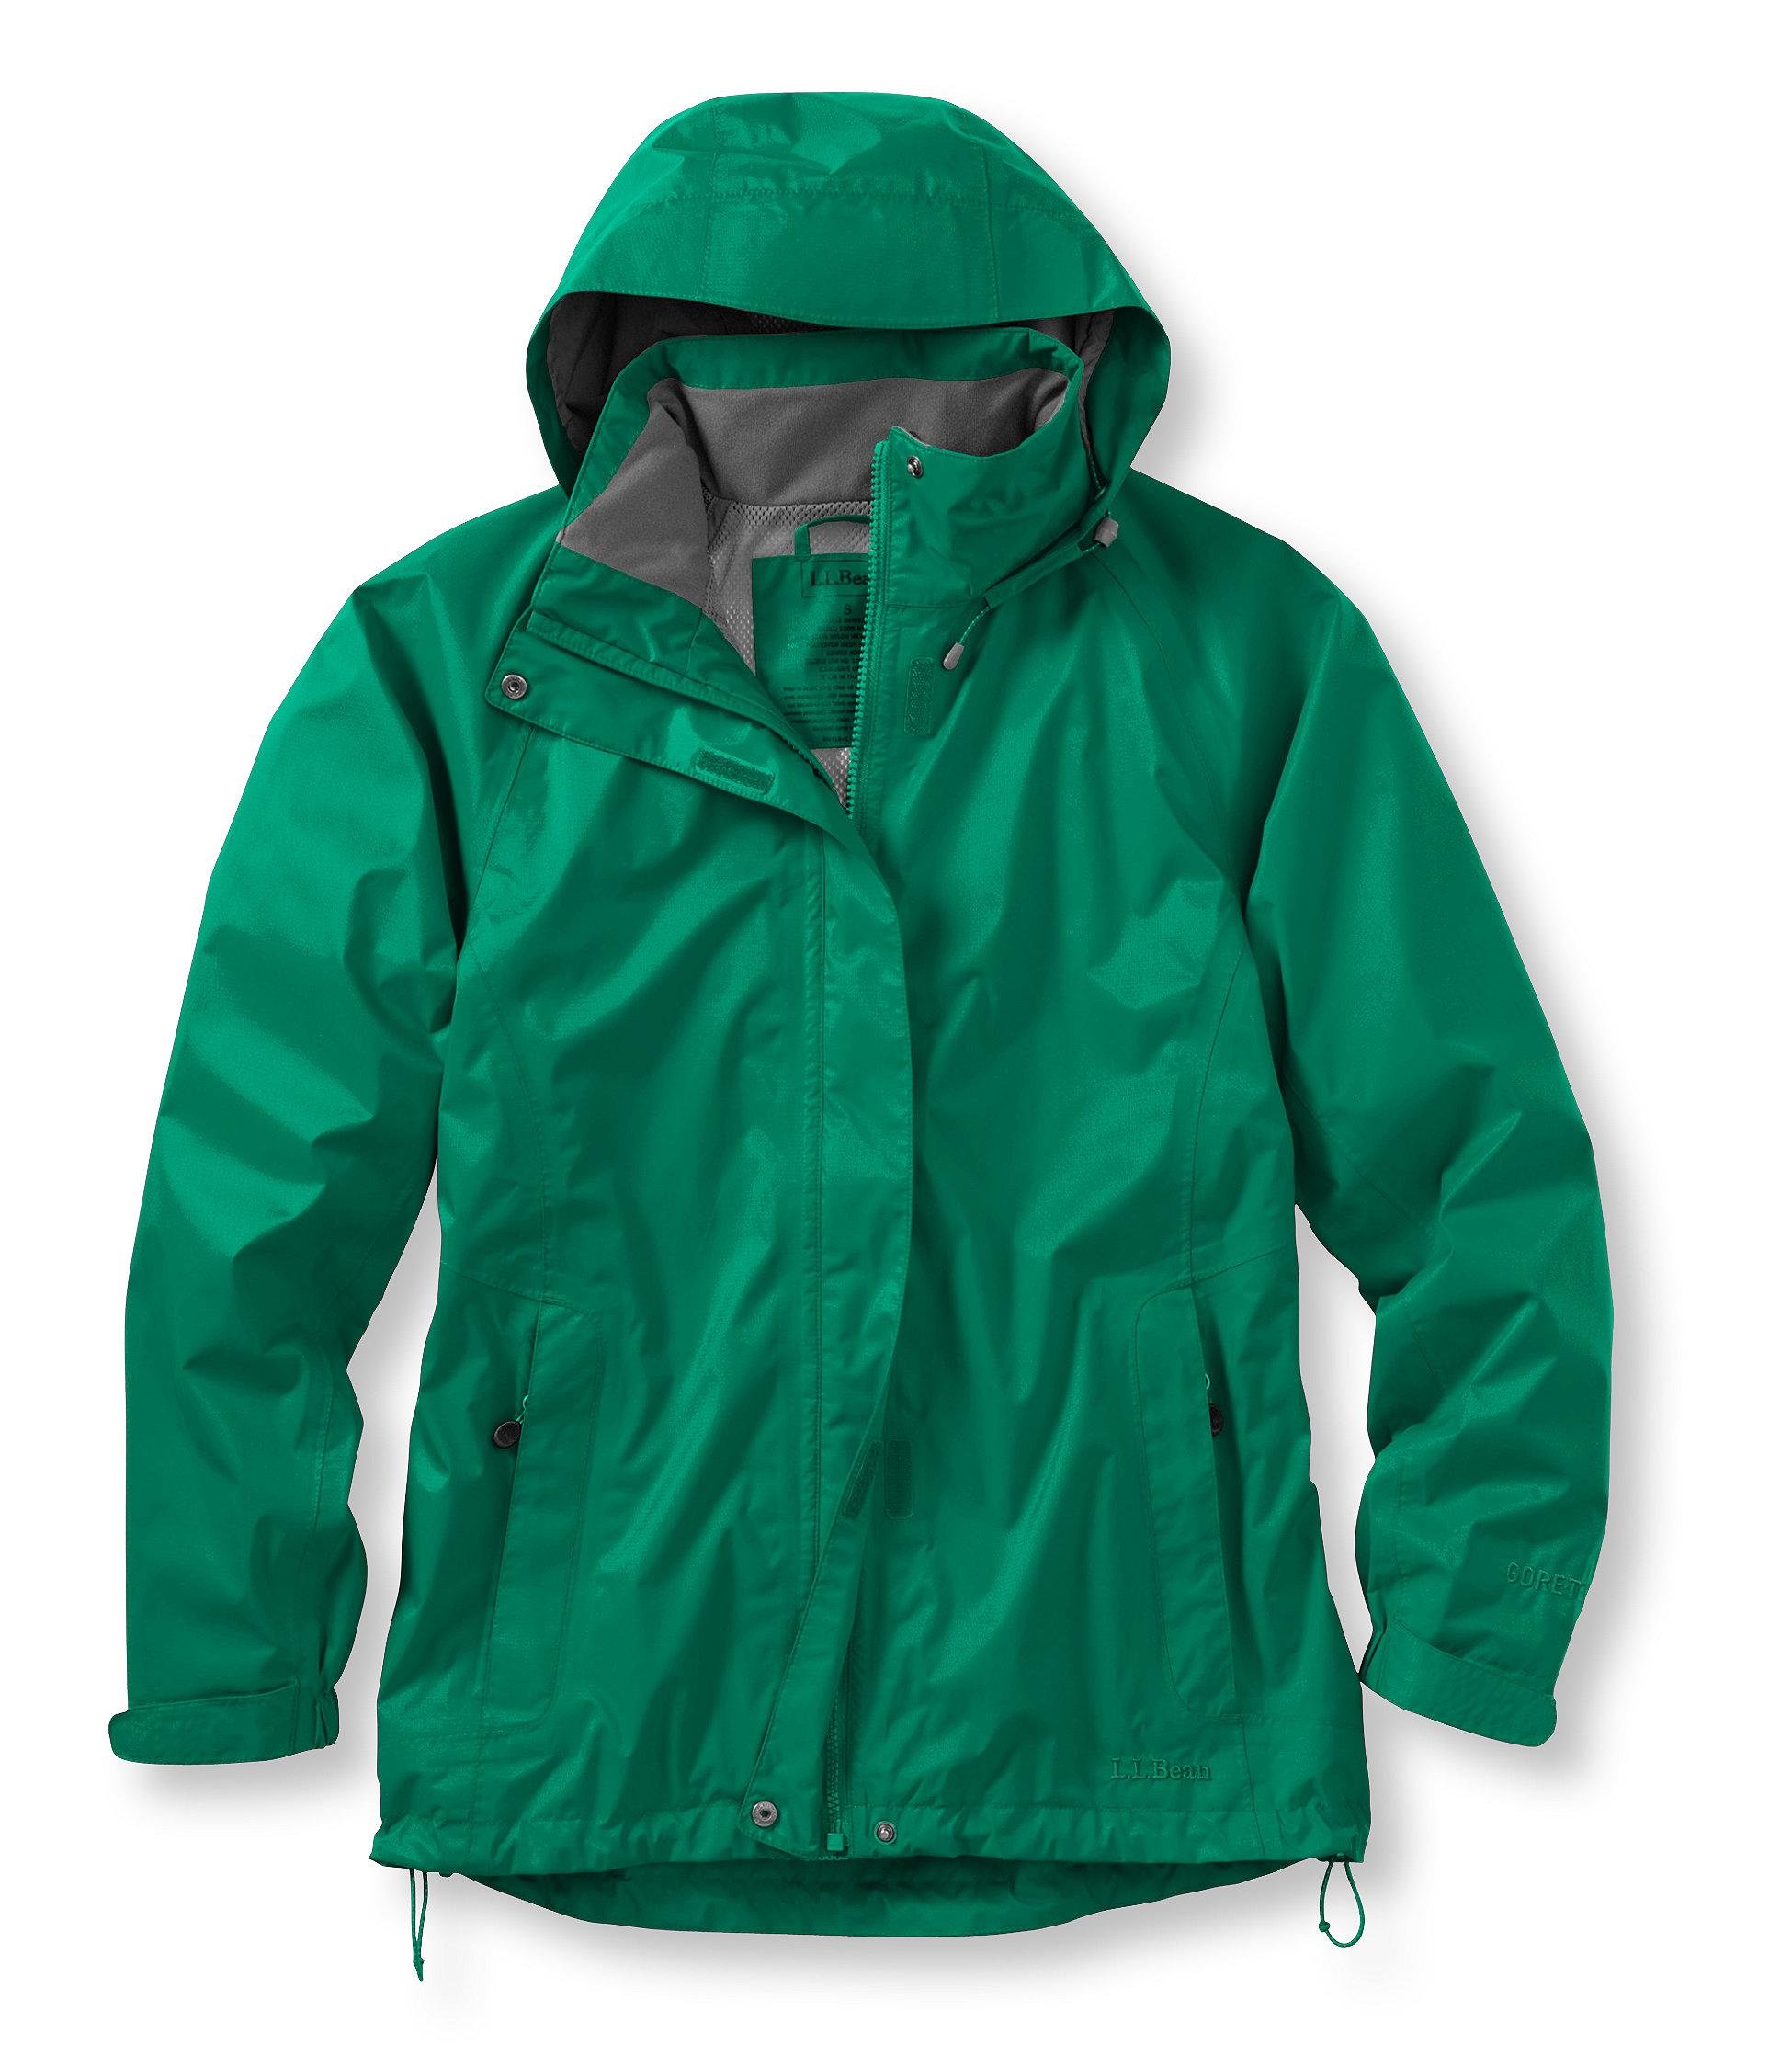 L.L.Bean Stowaway Jacket